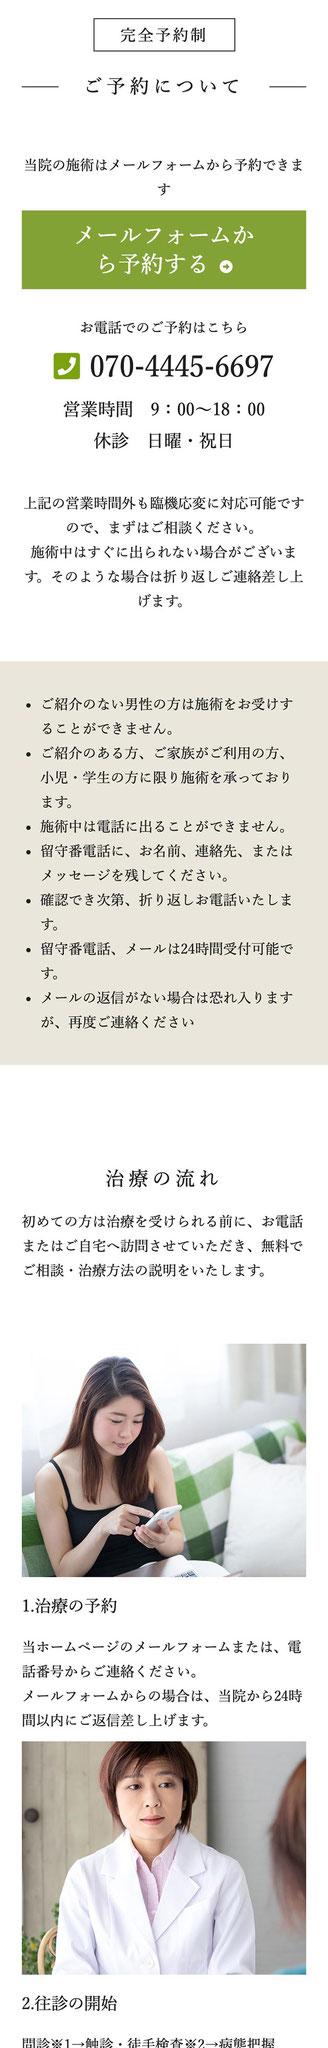 「施術メニュー」ページのモバイル表示4